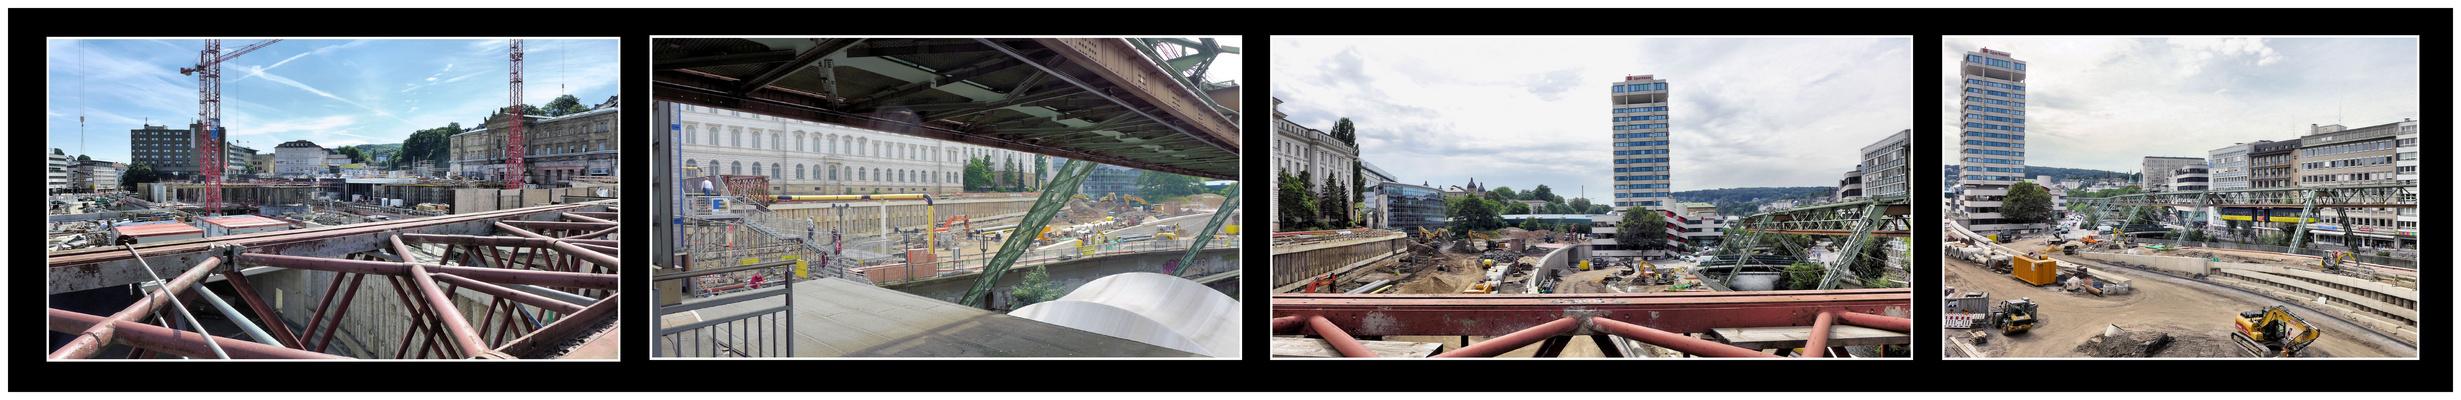 Grossbaustelle Wuppertal